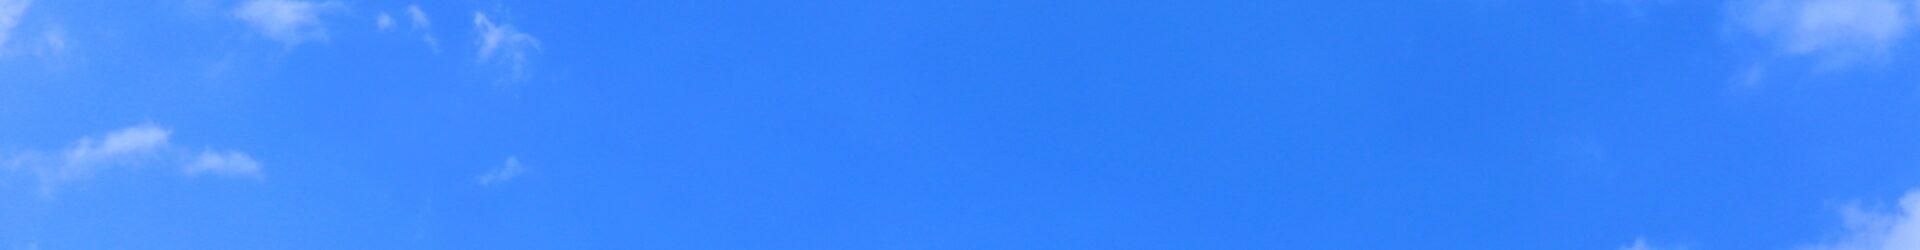 空はなぜ青いのか(&夕焼けはなぜ赤いのか)